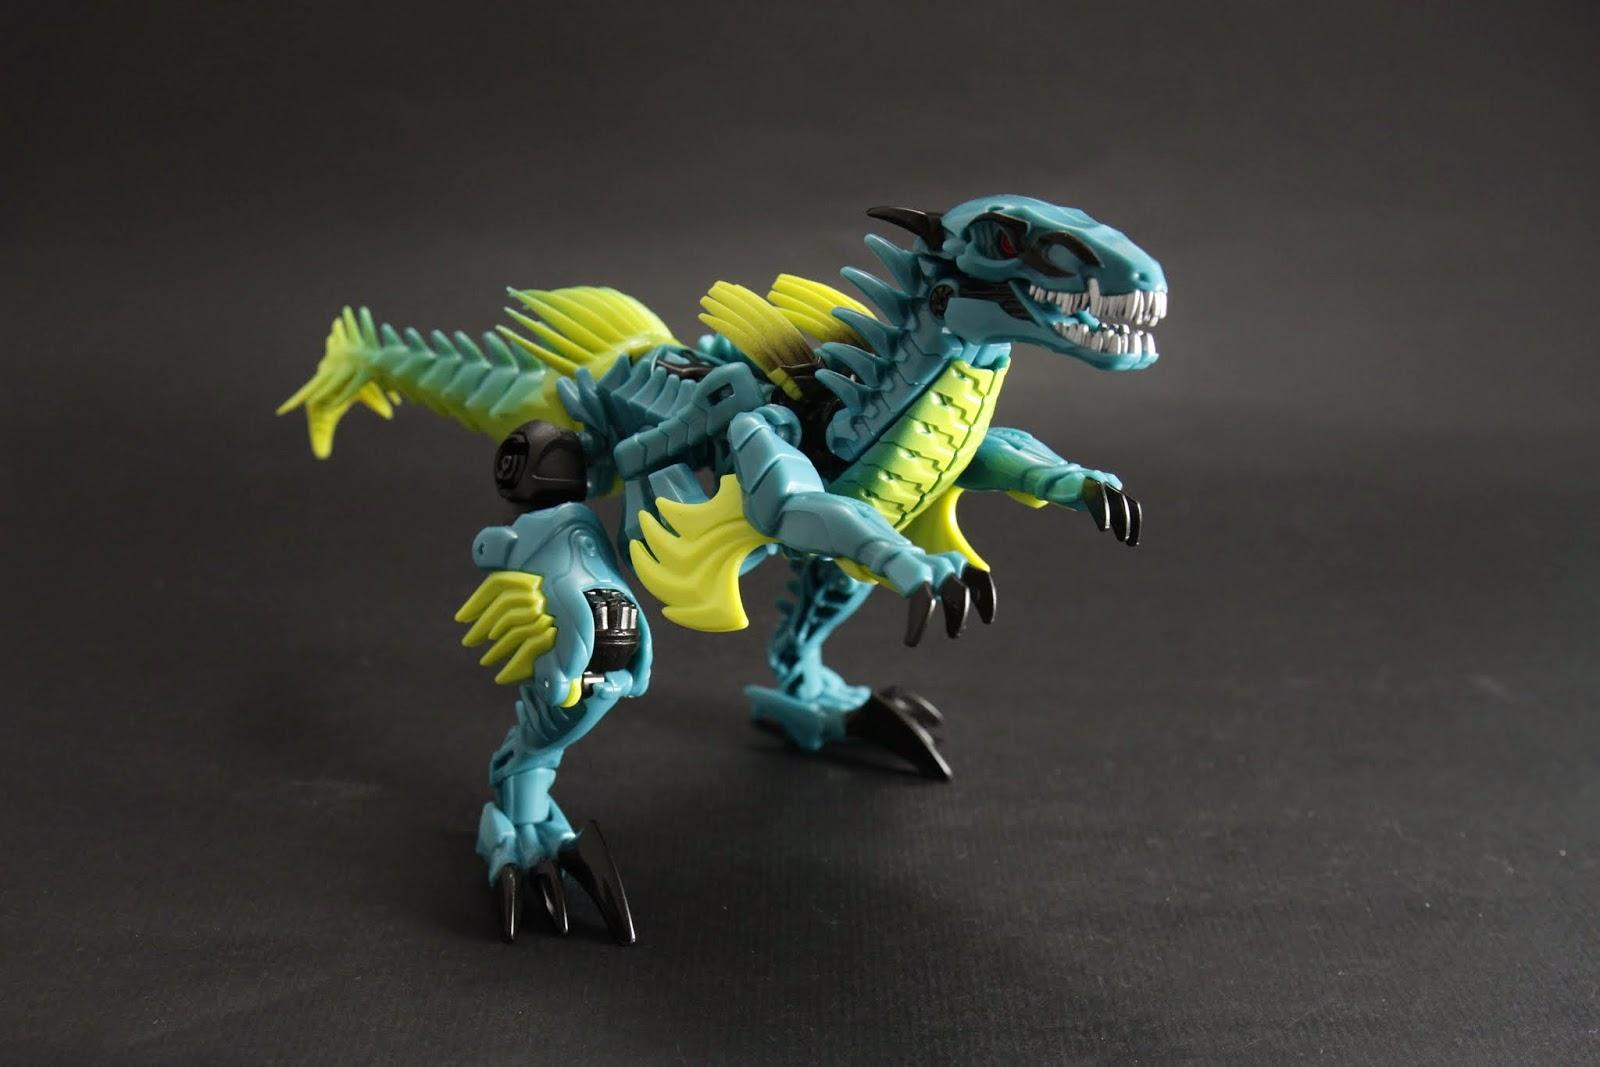 D級是以恐龍模式做包裝,所以拆開就是恐龍了 Slash是迅猛龍,電影沒出現